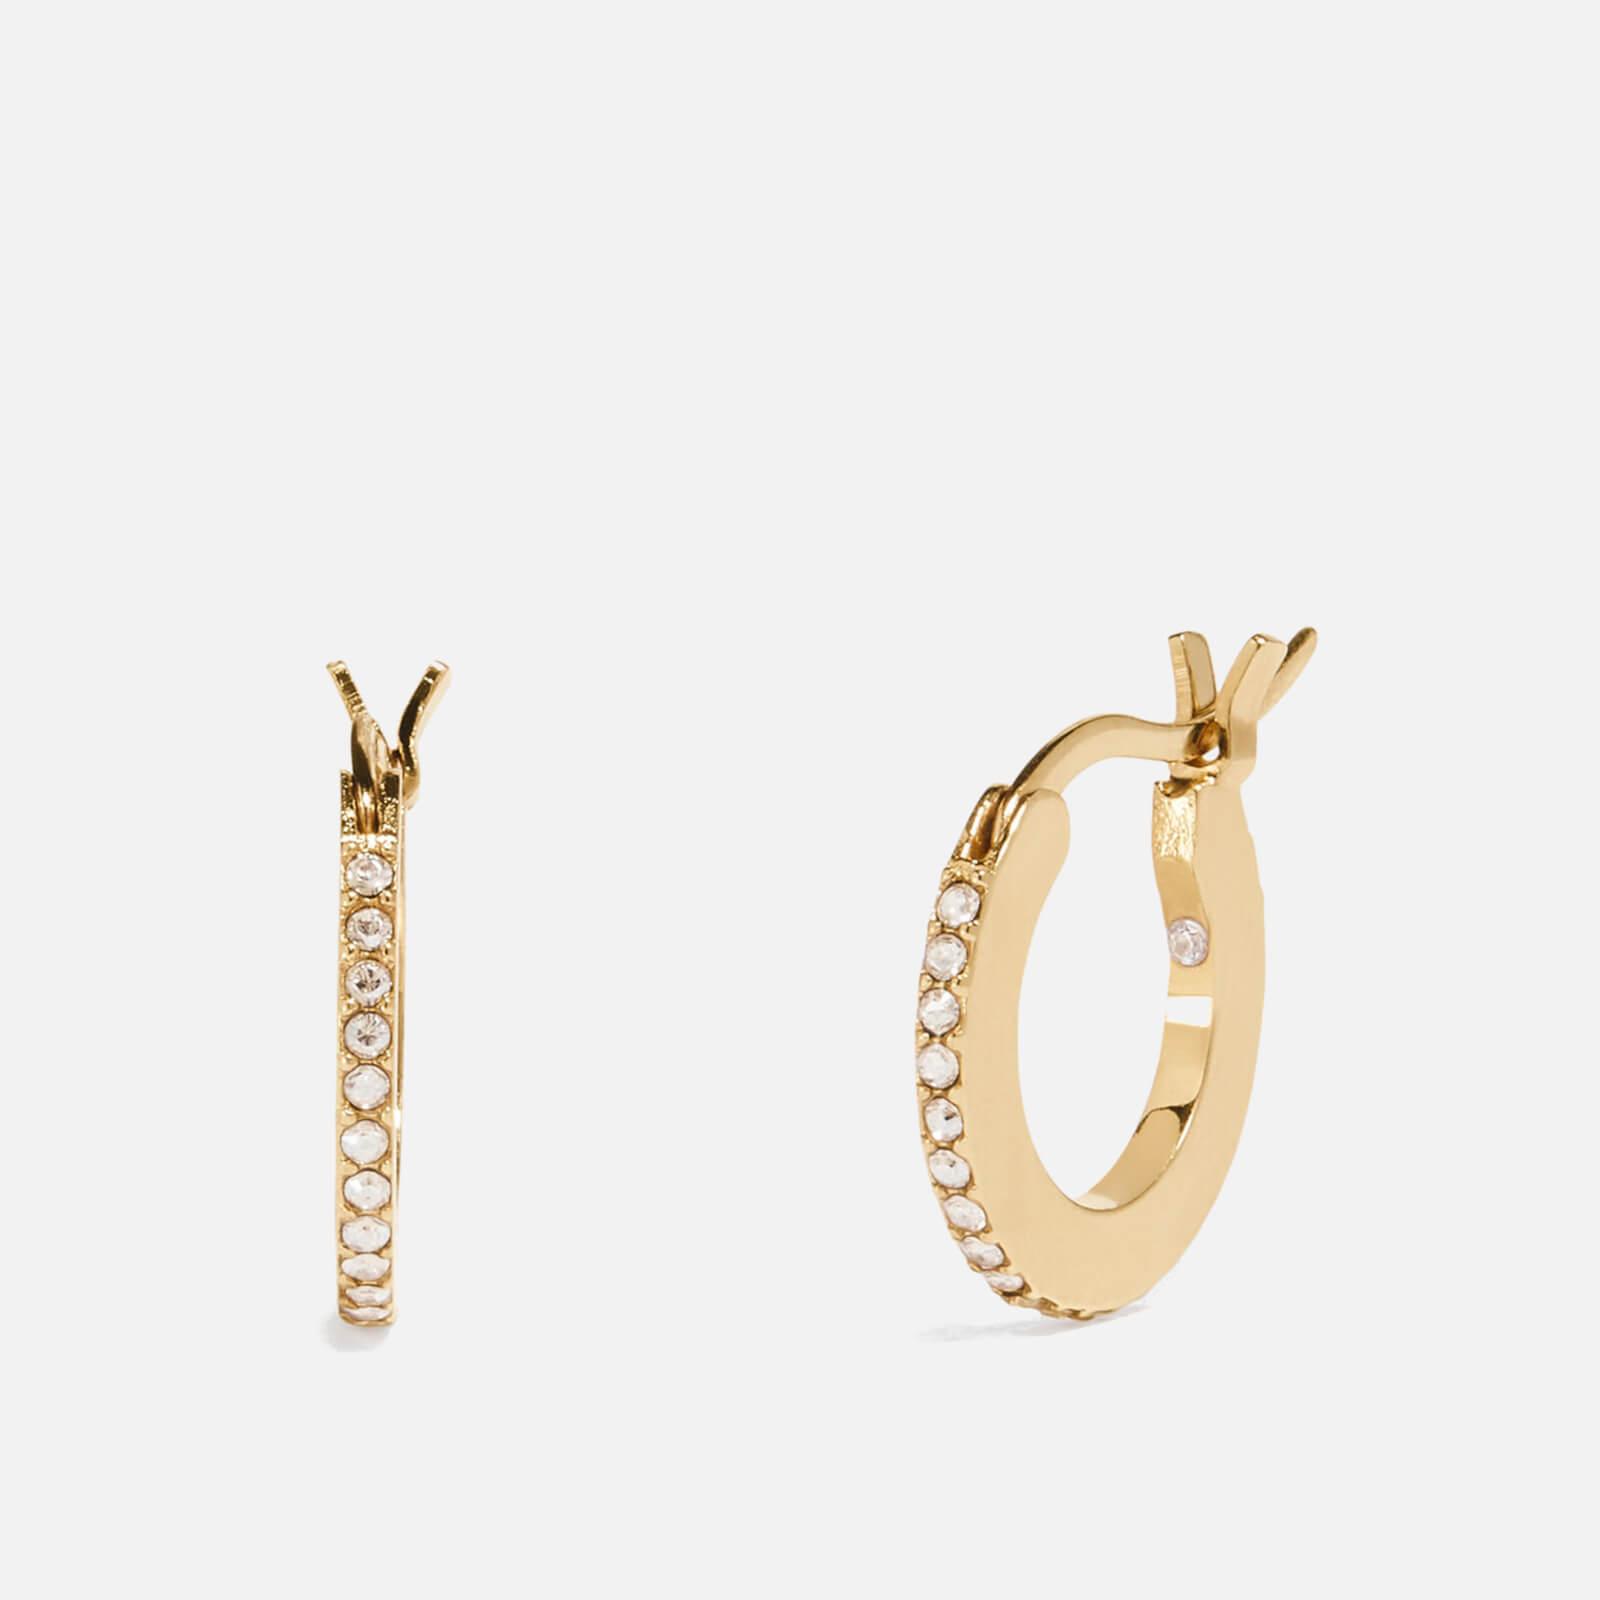 Coach Women's Pave Huggie Earrings - Gd/Clear